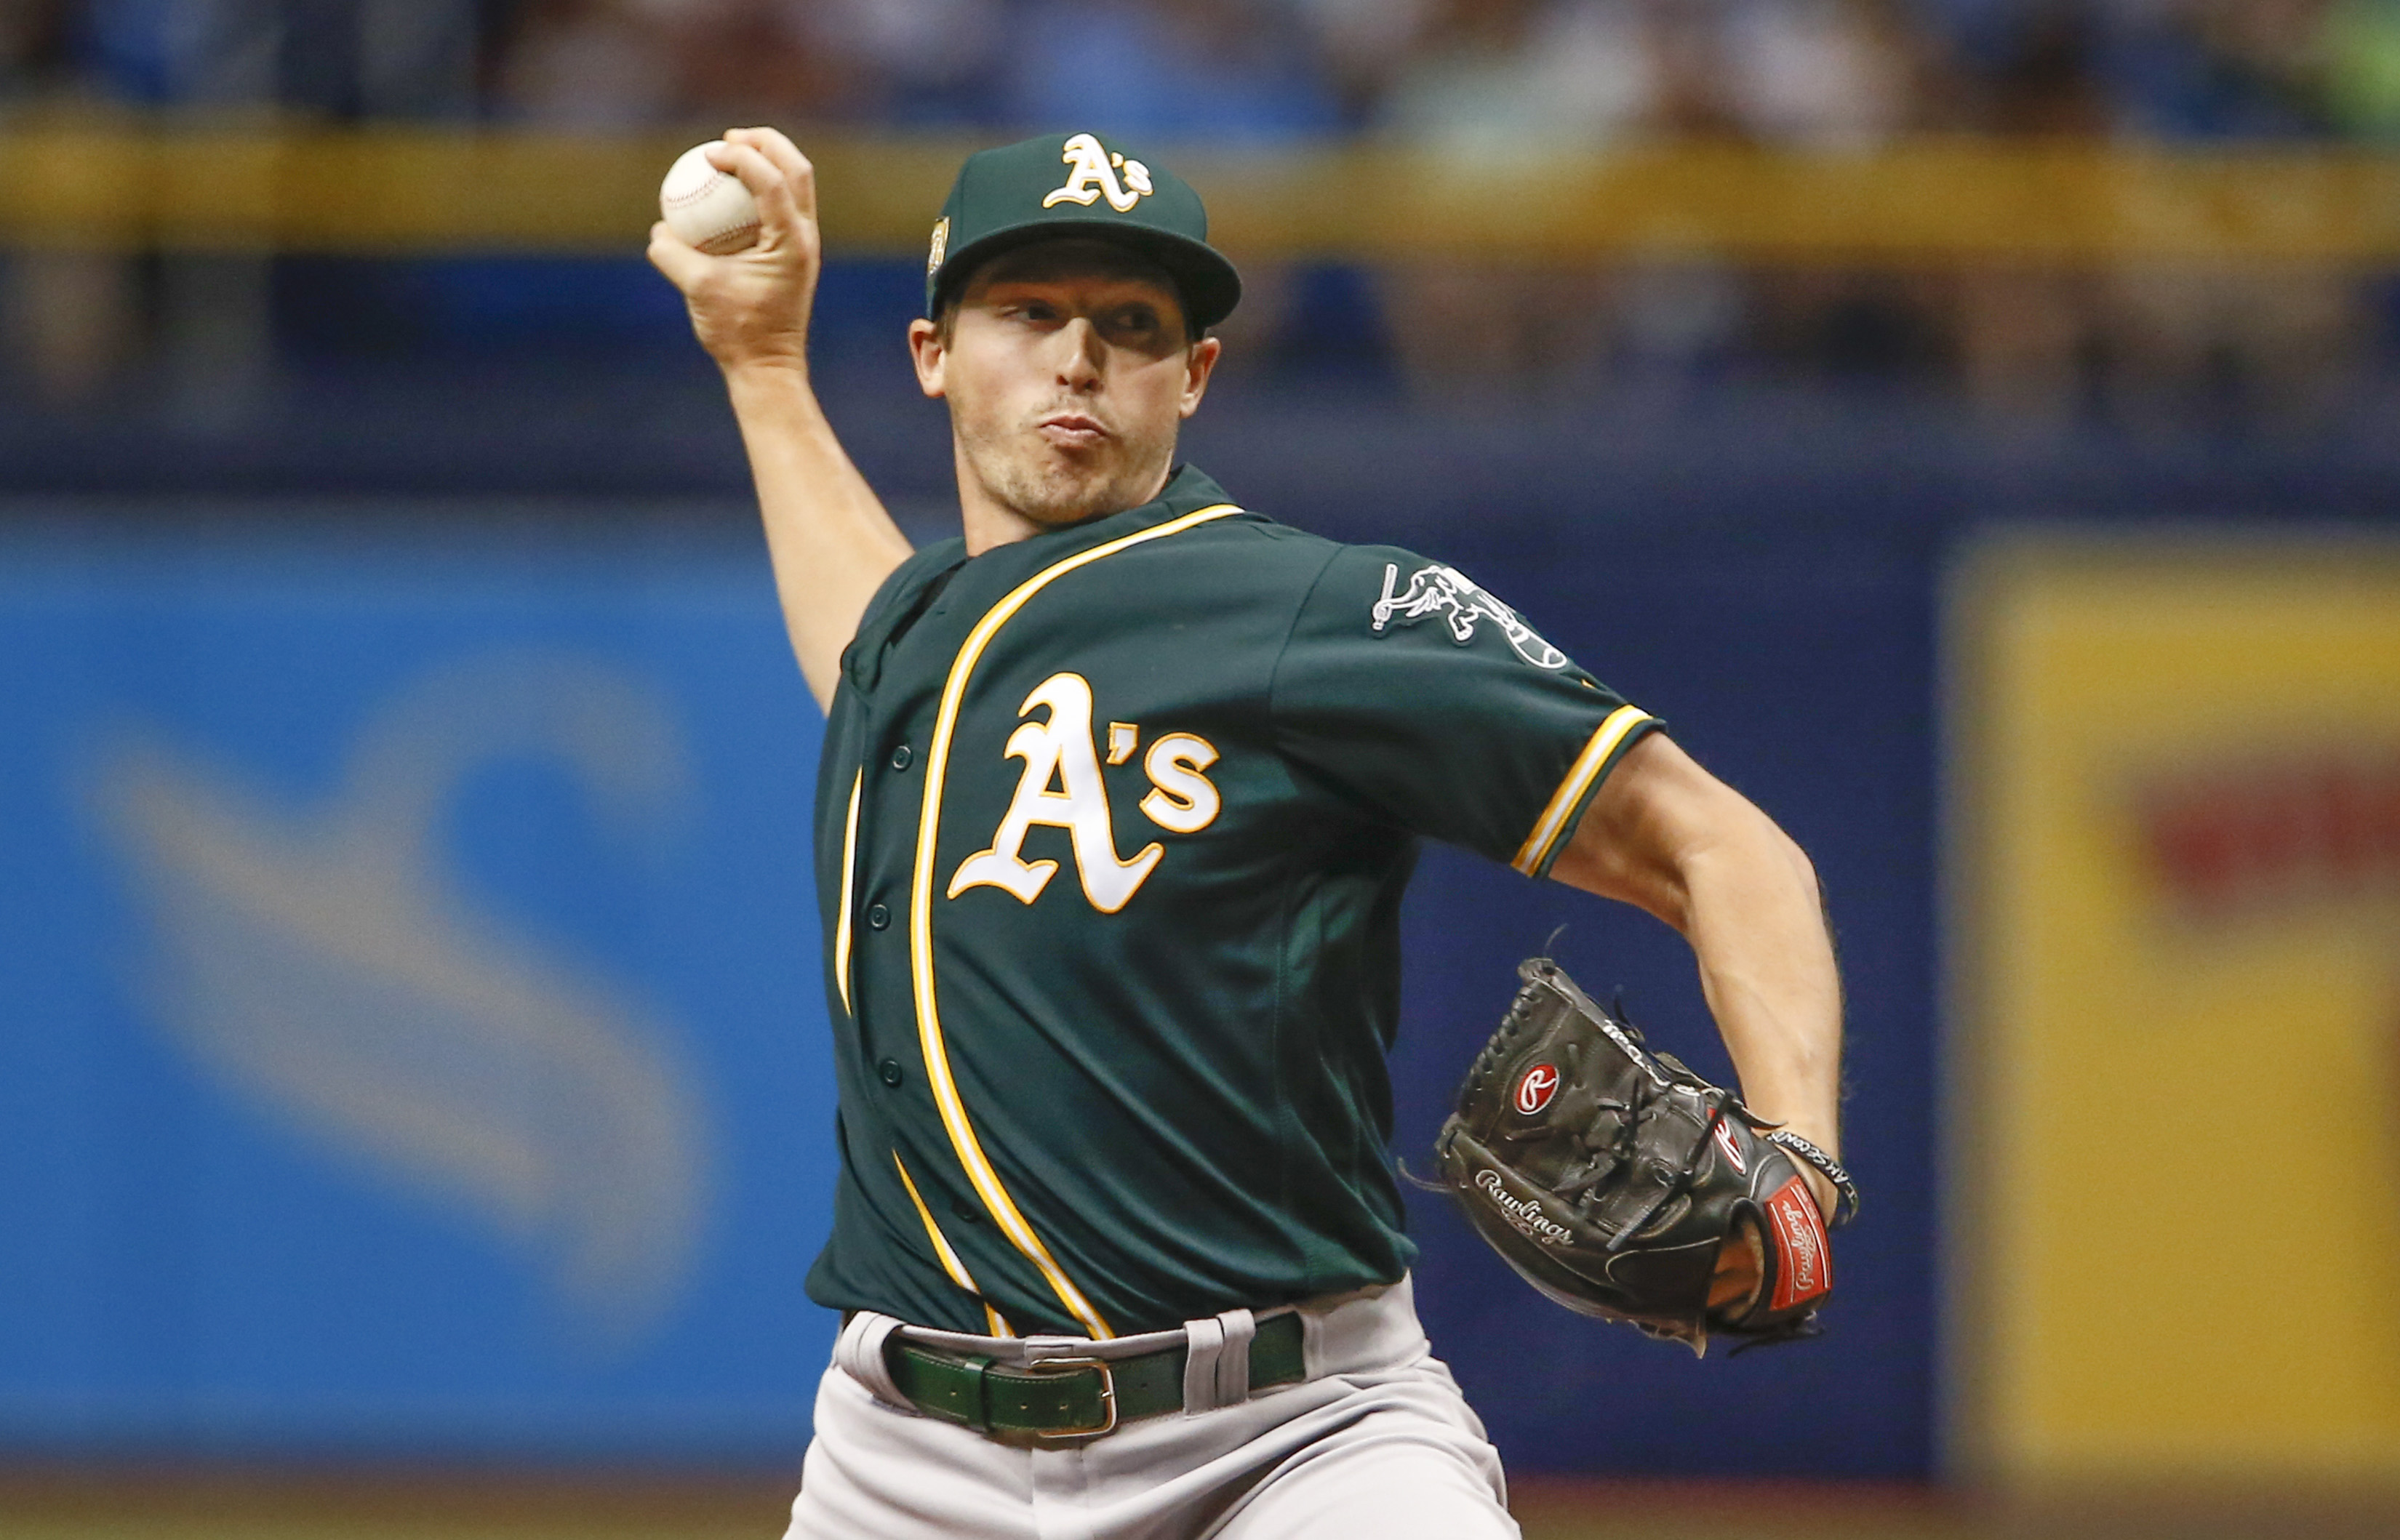 MLB: Oakland Athletics at Tampa Bay Rays